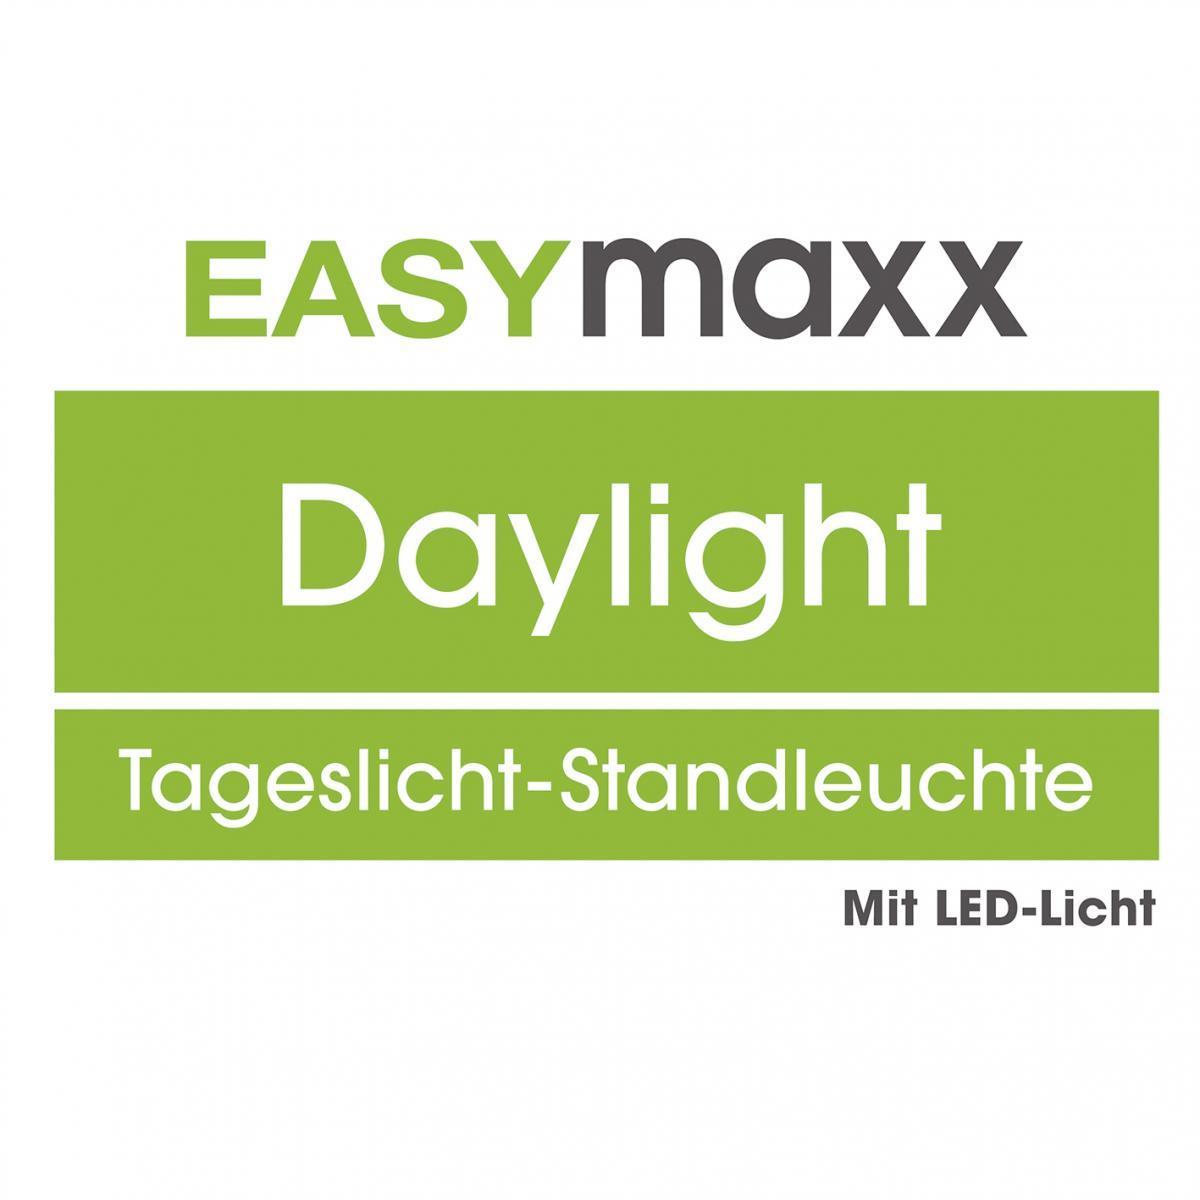 Bild 3 von EASYmaxx LED-Tageslicht-Standleuchte Daylight, 12W, Buche